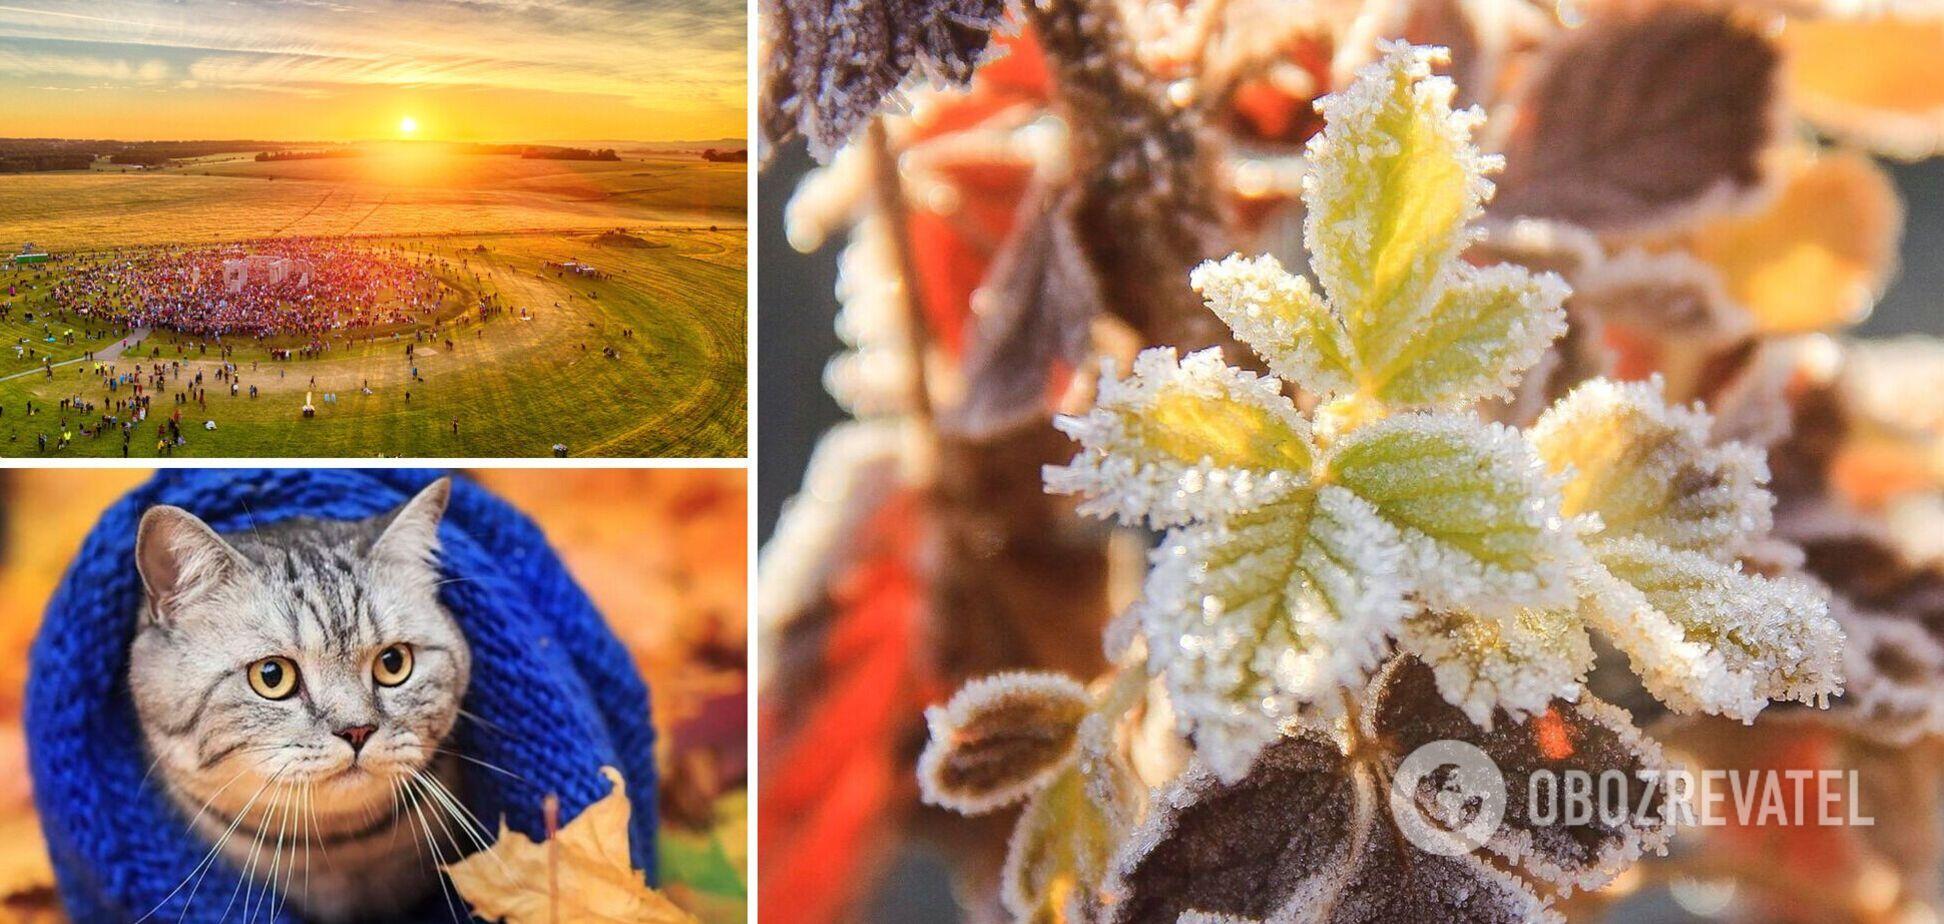 Первый снег и заморозки придут уже в октябре: народный синоптик уточнил погоду на осень в Украине